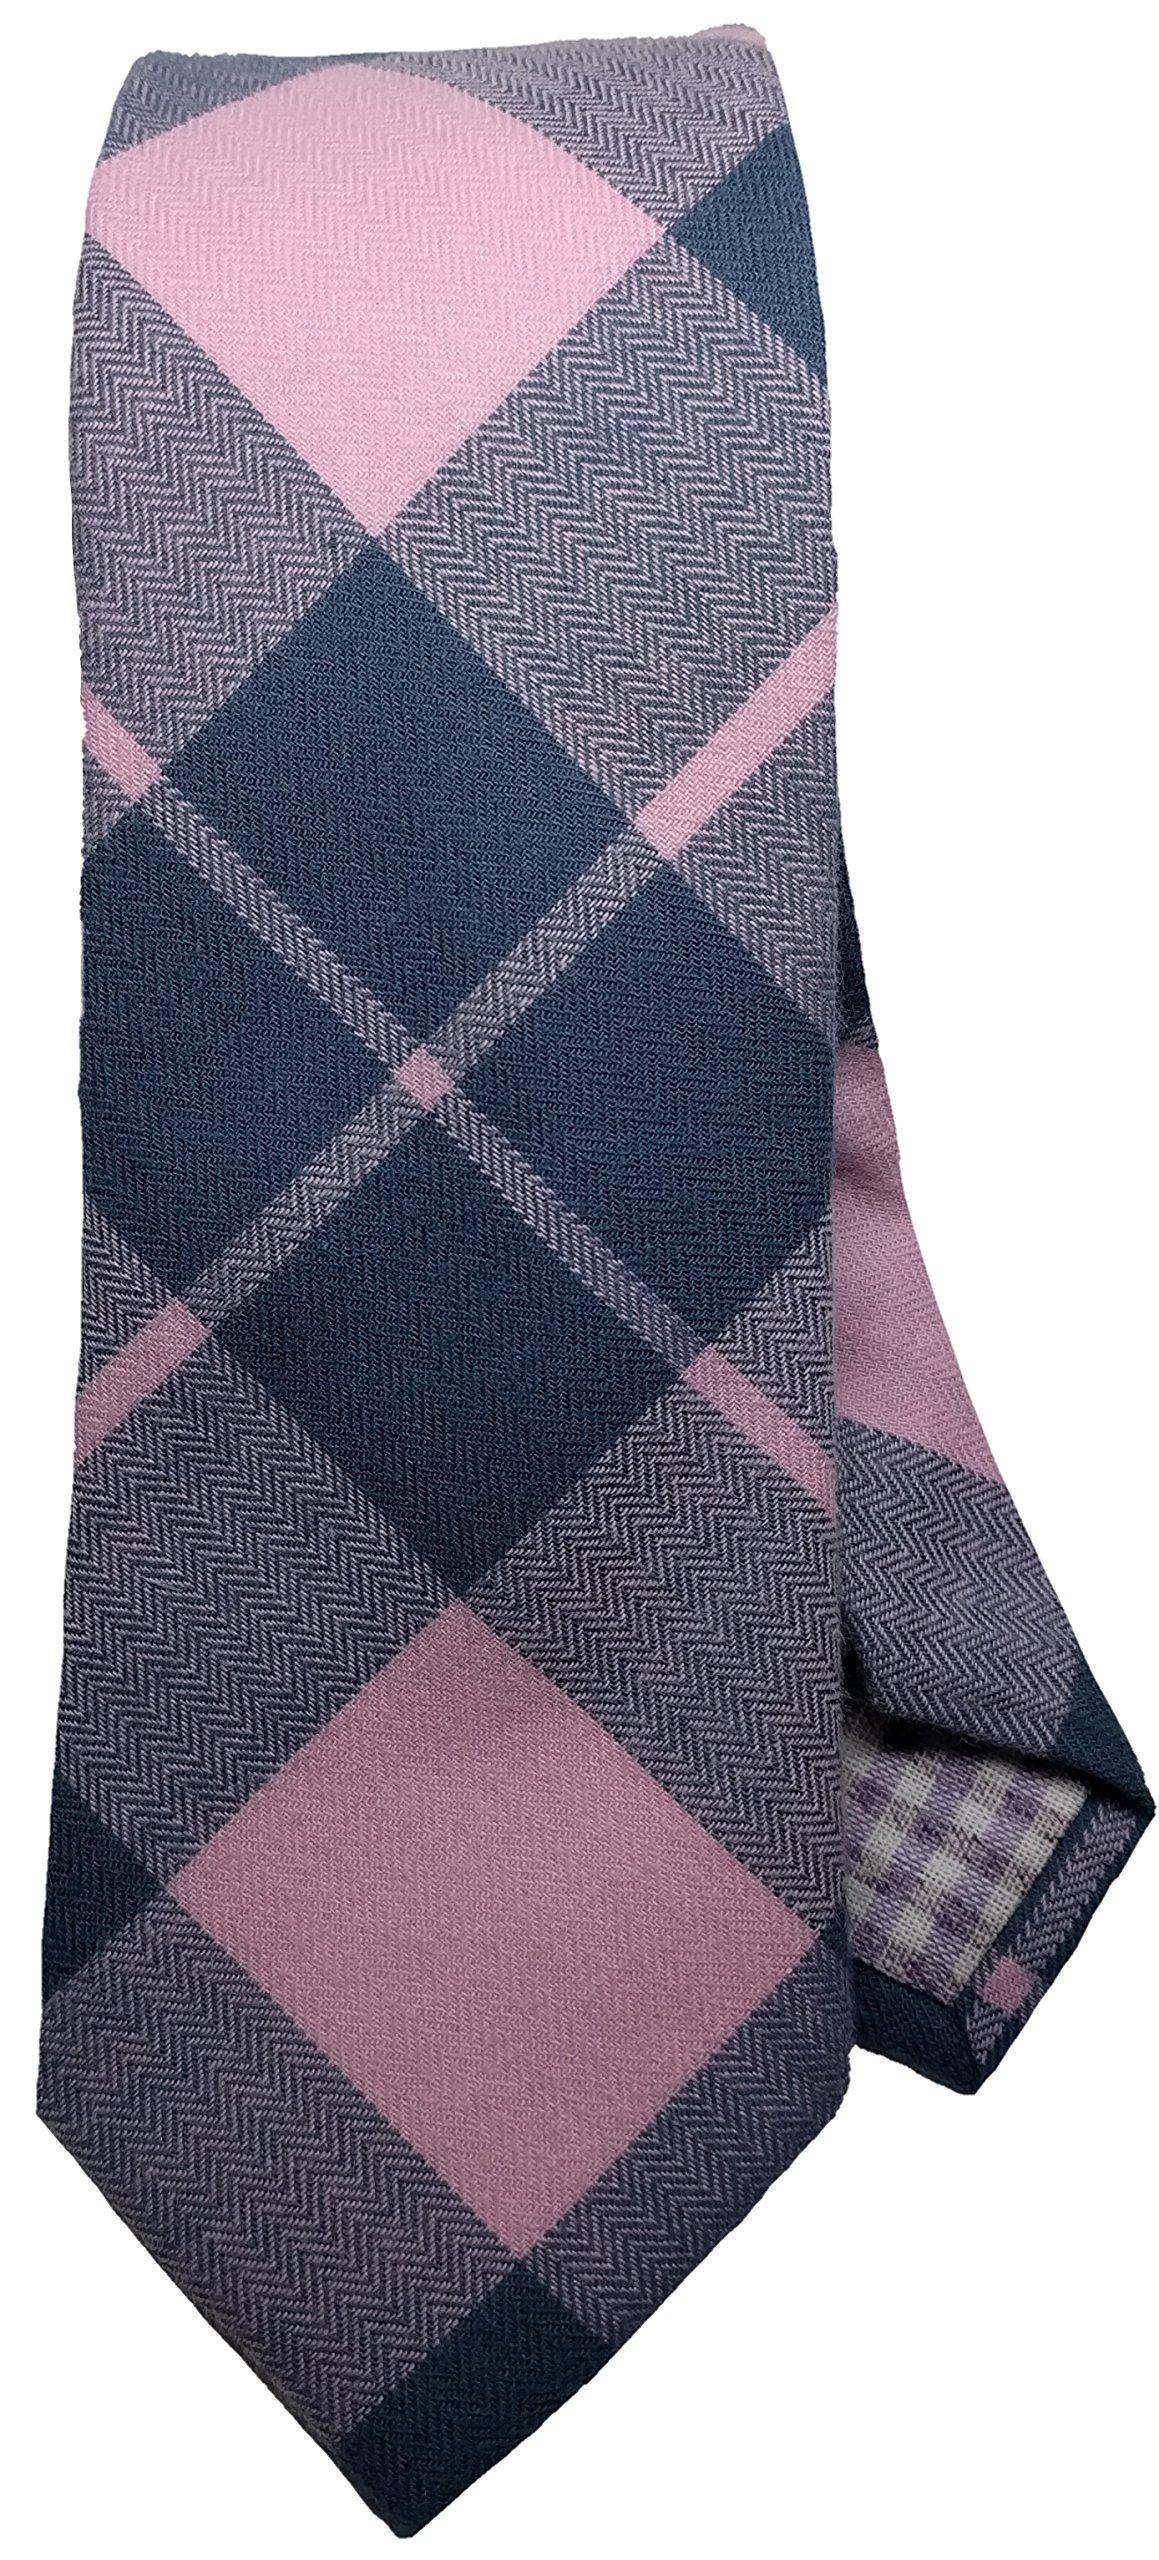 Cotton Plaid Tie Skinny Slim Men's Necktie (Pink)